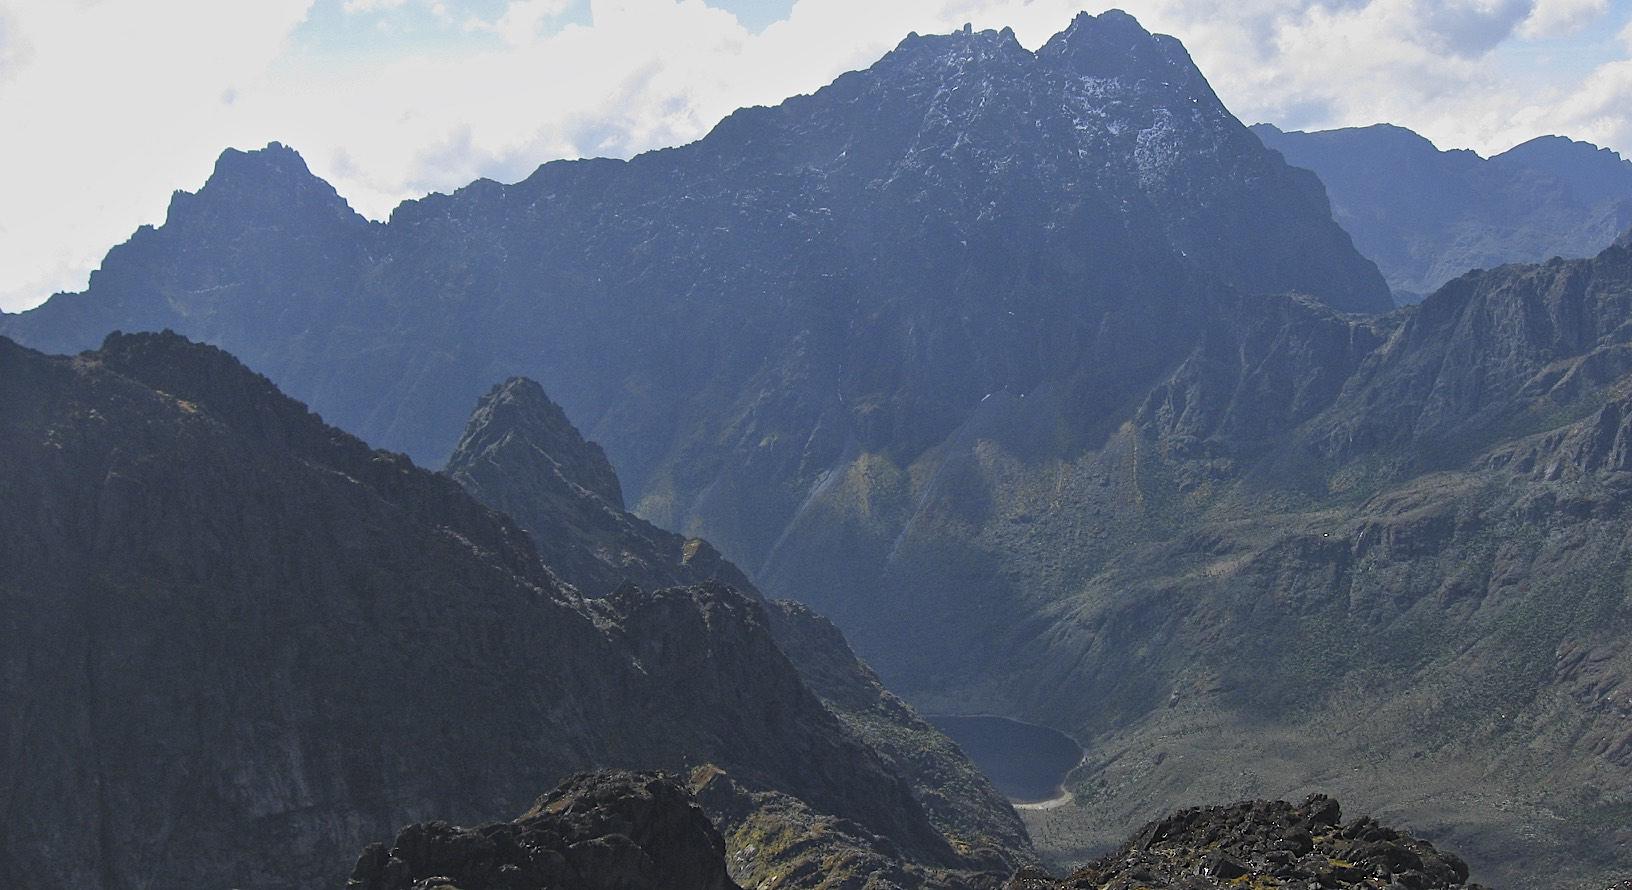 On Mt. Speke